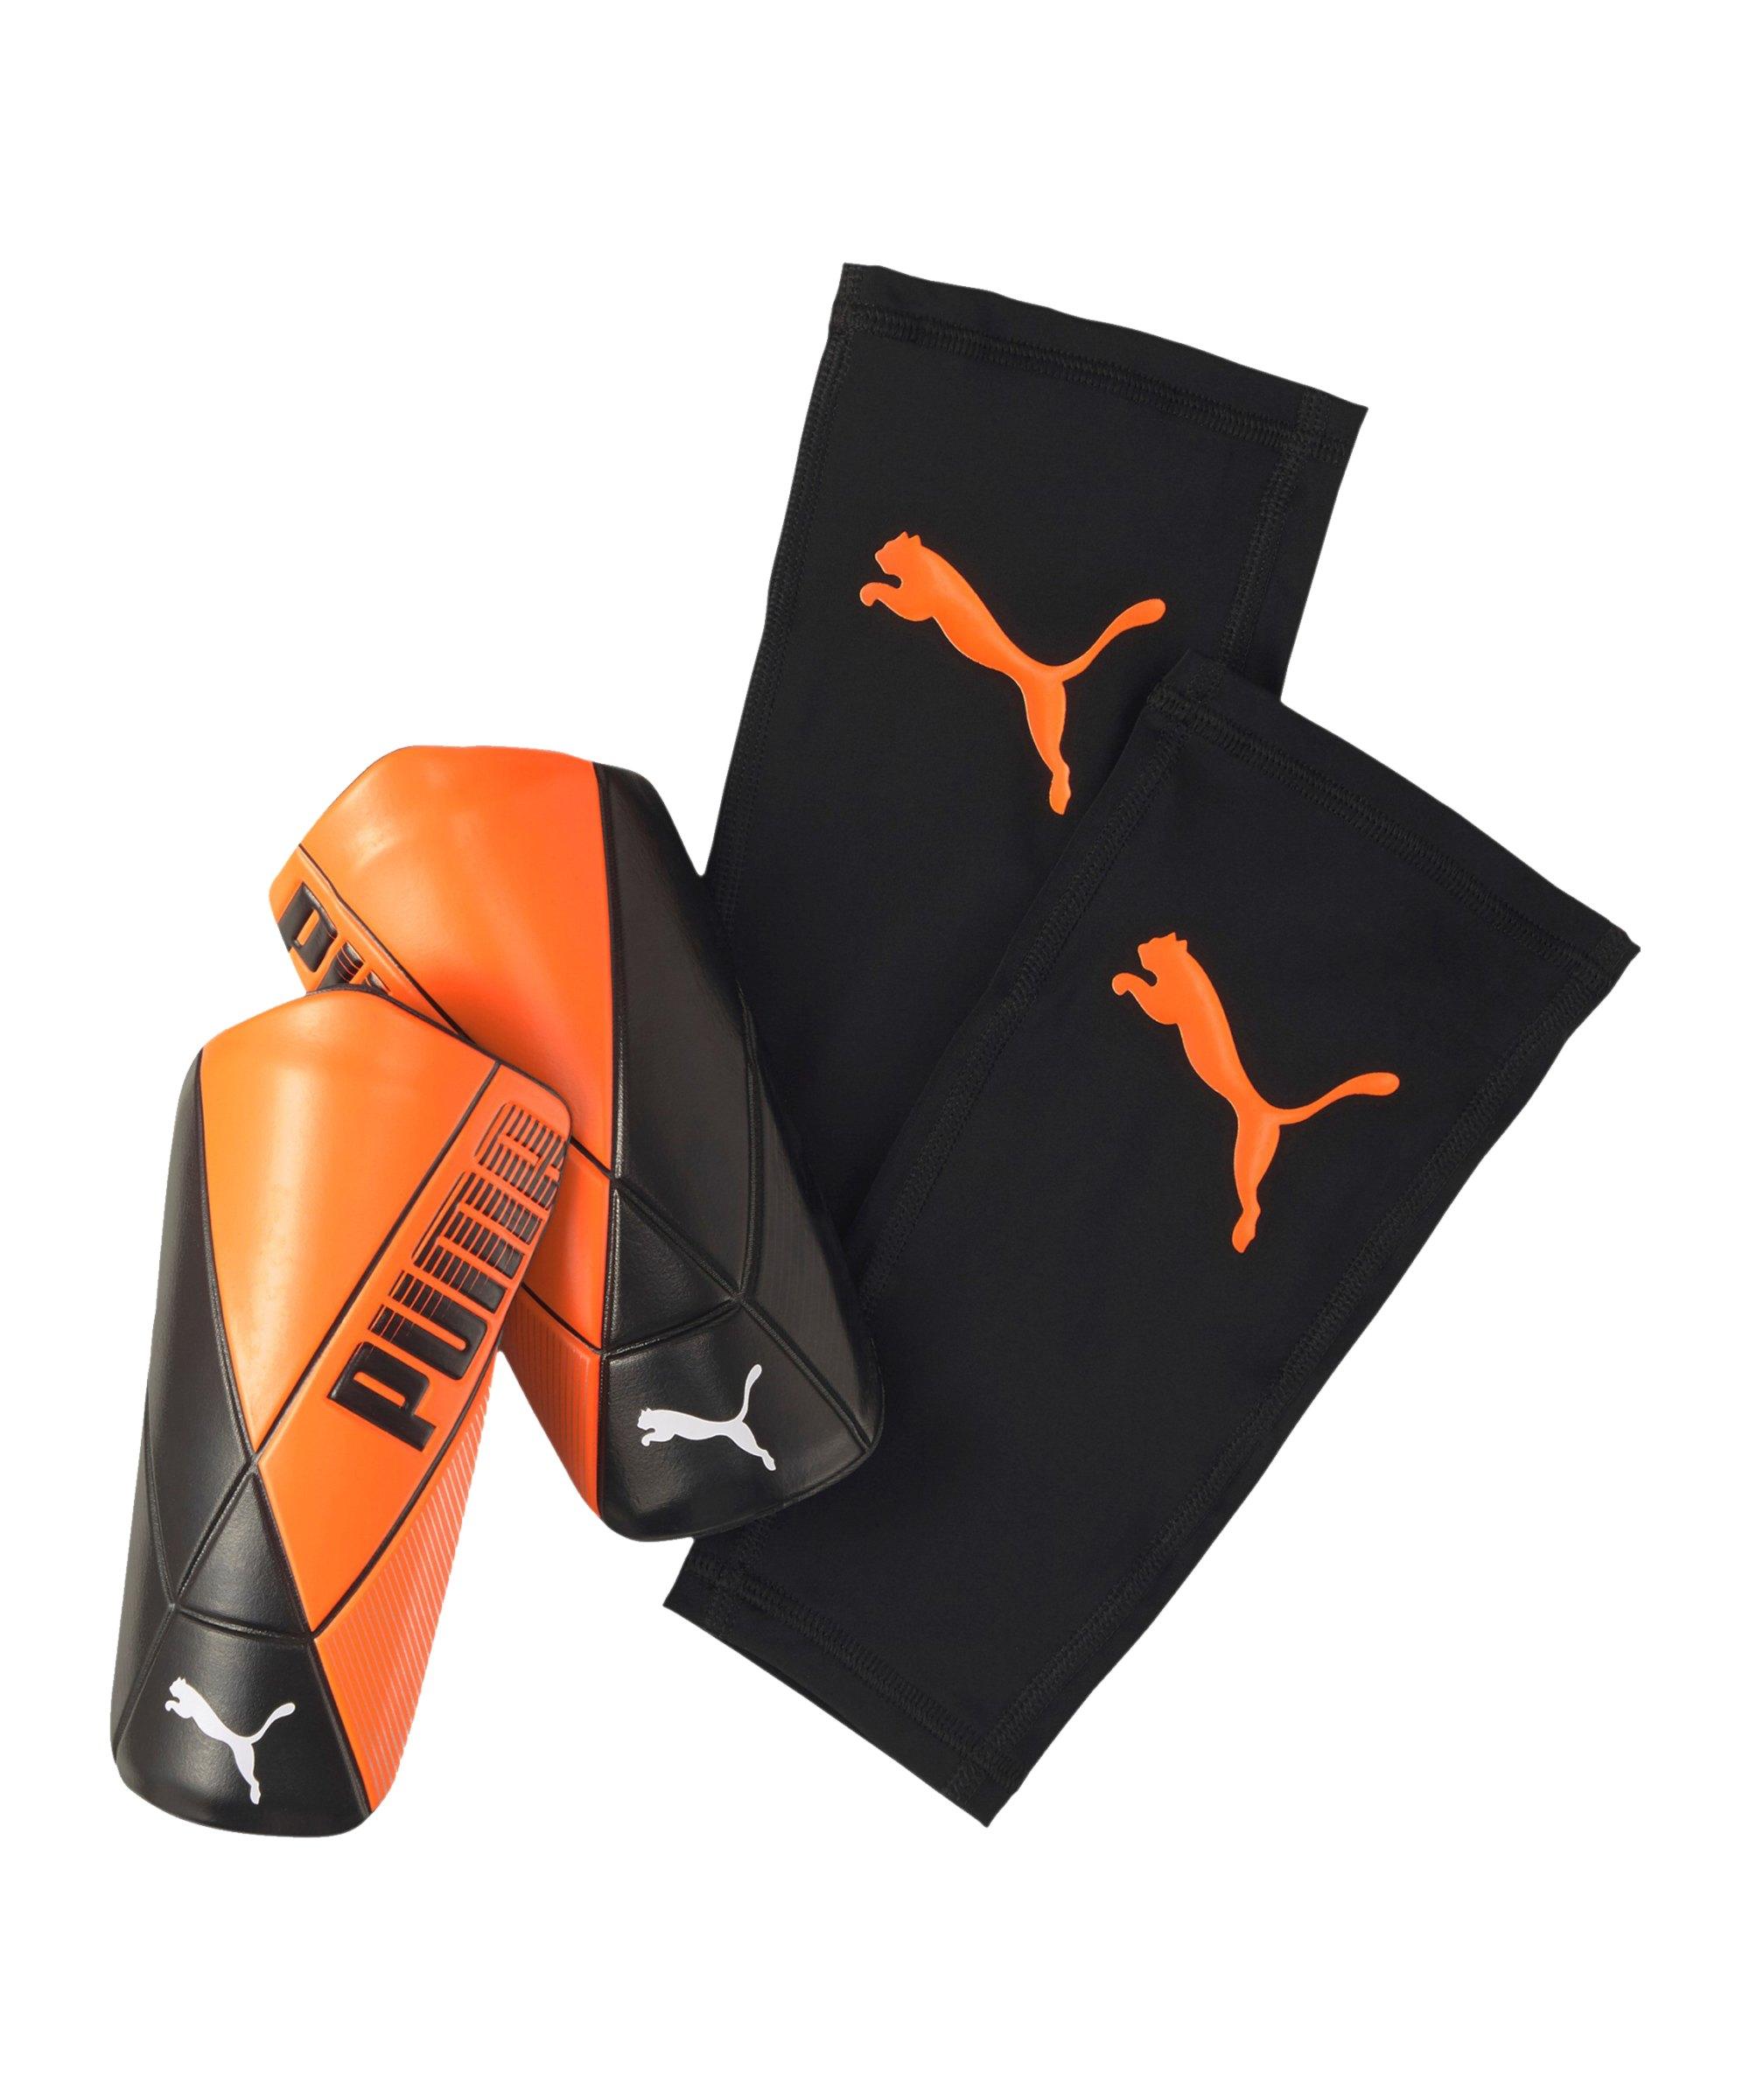 PUMA ftblNXT ULTIMATE Chasing Adrenalin Flex Schienbeinschoner F06 - orange